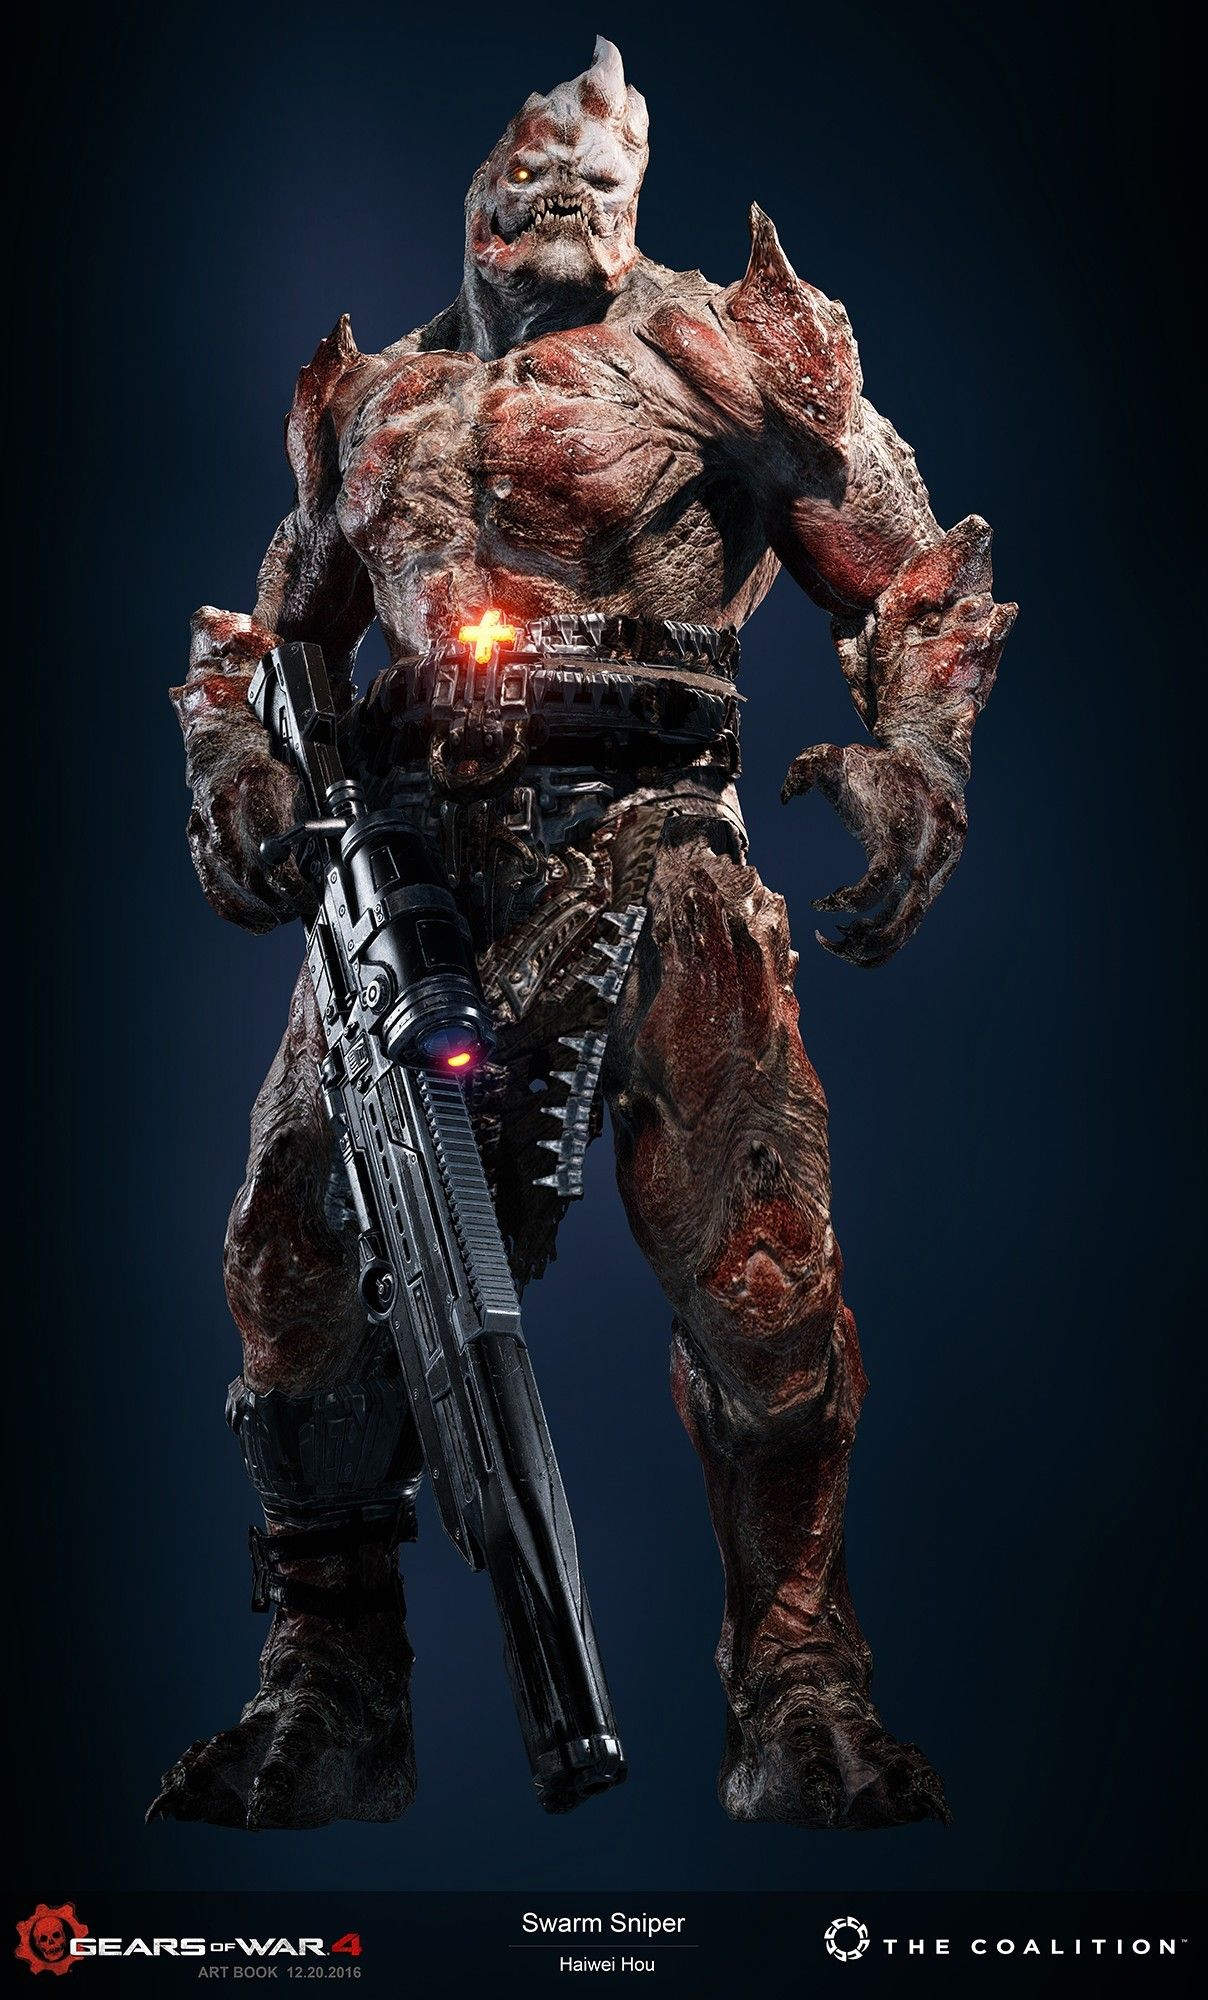 Pin De Sam En Monsters Gears Of War Imagenes De Videojuegos Personajes De Fantasia